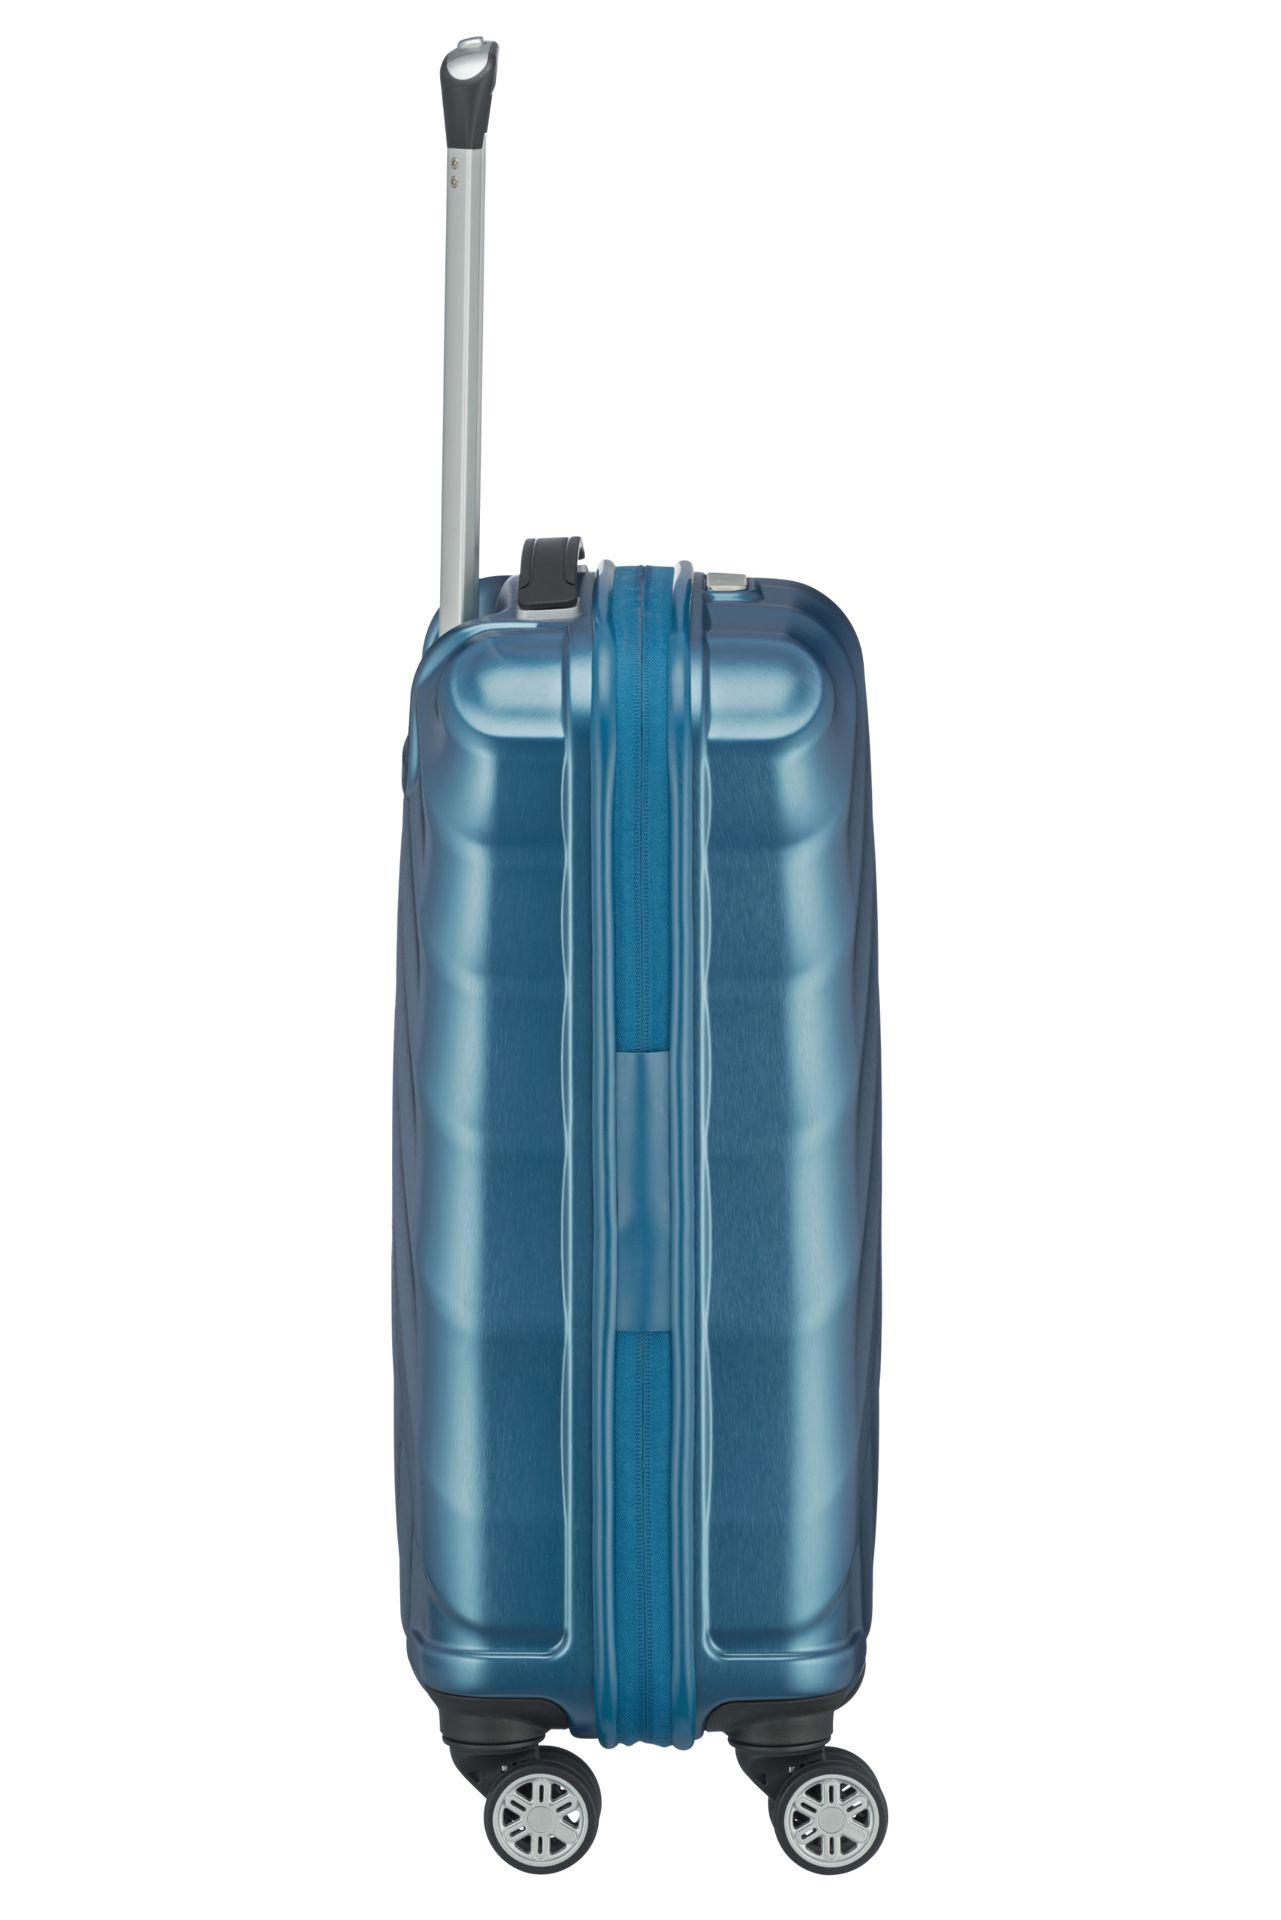 Titan Shooting Star 4w S Petrol Radi by ste mali ľahký, elegantný a odolný kufor, ktorý vám poskytne potrebný priestor a pritom vás nesklame?  - štyri veľké a tiché dvojkolieskami s pogumovaním otočné o 360° - odľahčená výsuvná rukoväť - vnorený integrovaný TSA zámok pre bezproblémové cestovanie po celom svete - obojstranný baliaci systém s deliacou priečkou - kompresný popruh v oboch častiach kufri - dve malé vrecká vnútri na hygienické a kozmetické drobnosti - podšívka v rovnakej farbe ako škrupina - kvalitný zips - komfortné madlo